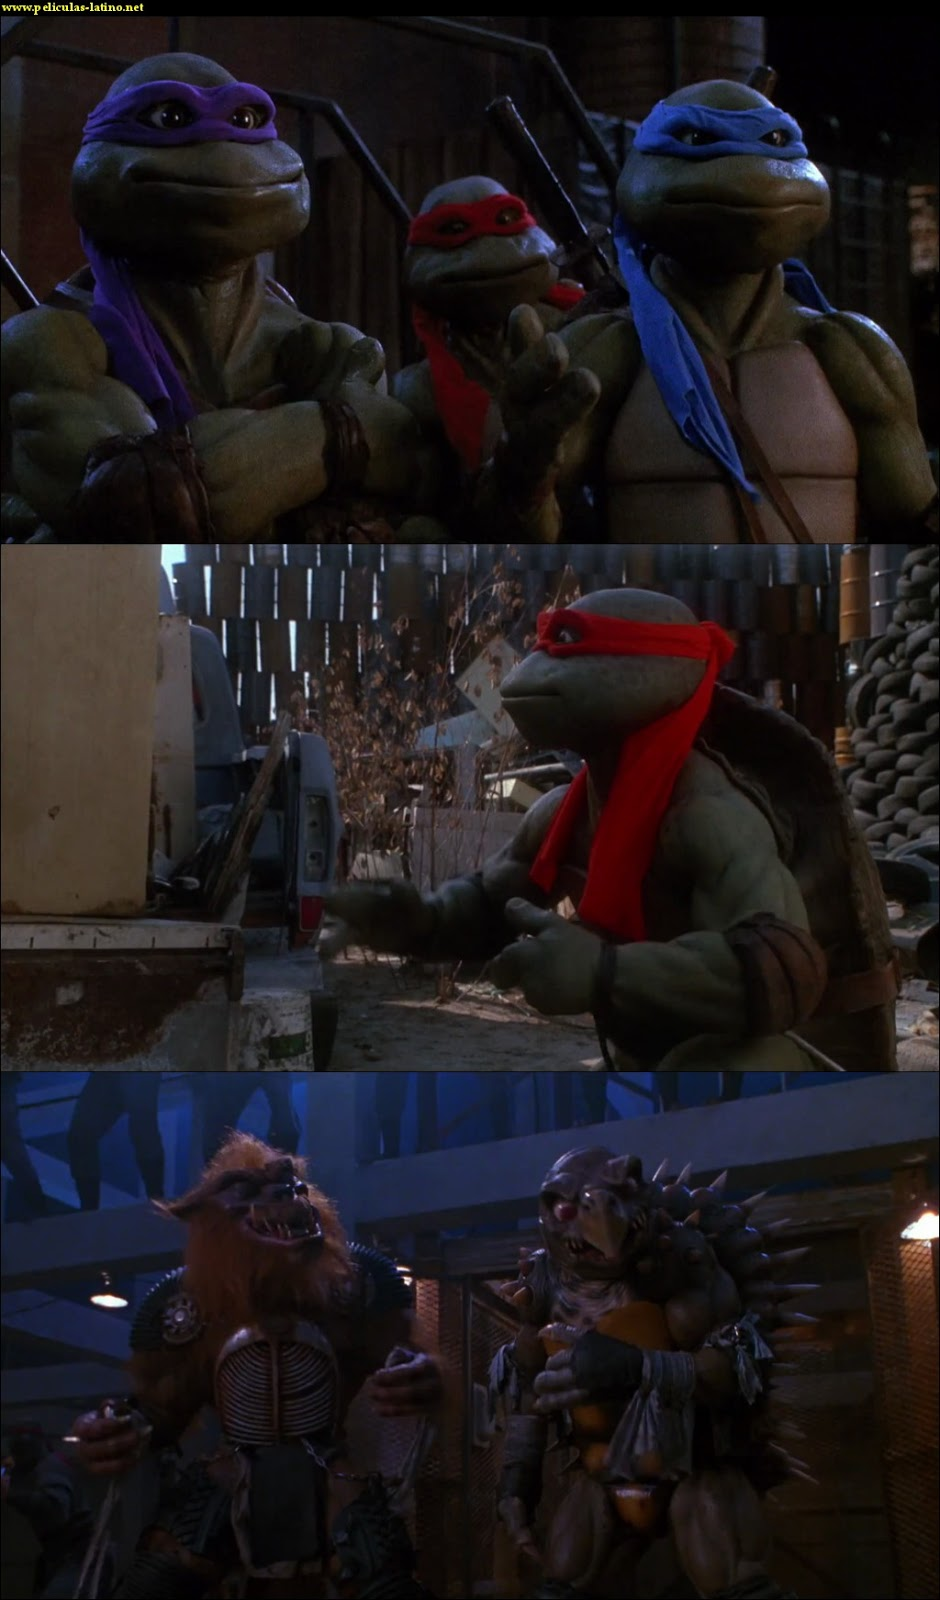 Captura Las tortugas ninja II: El secreto de los mocos verdes HD 1080p Dual 1991